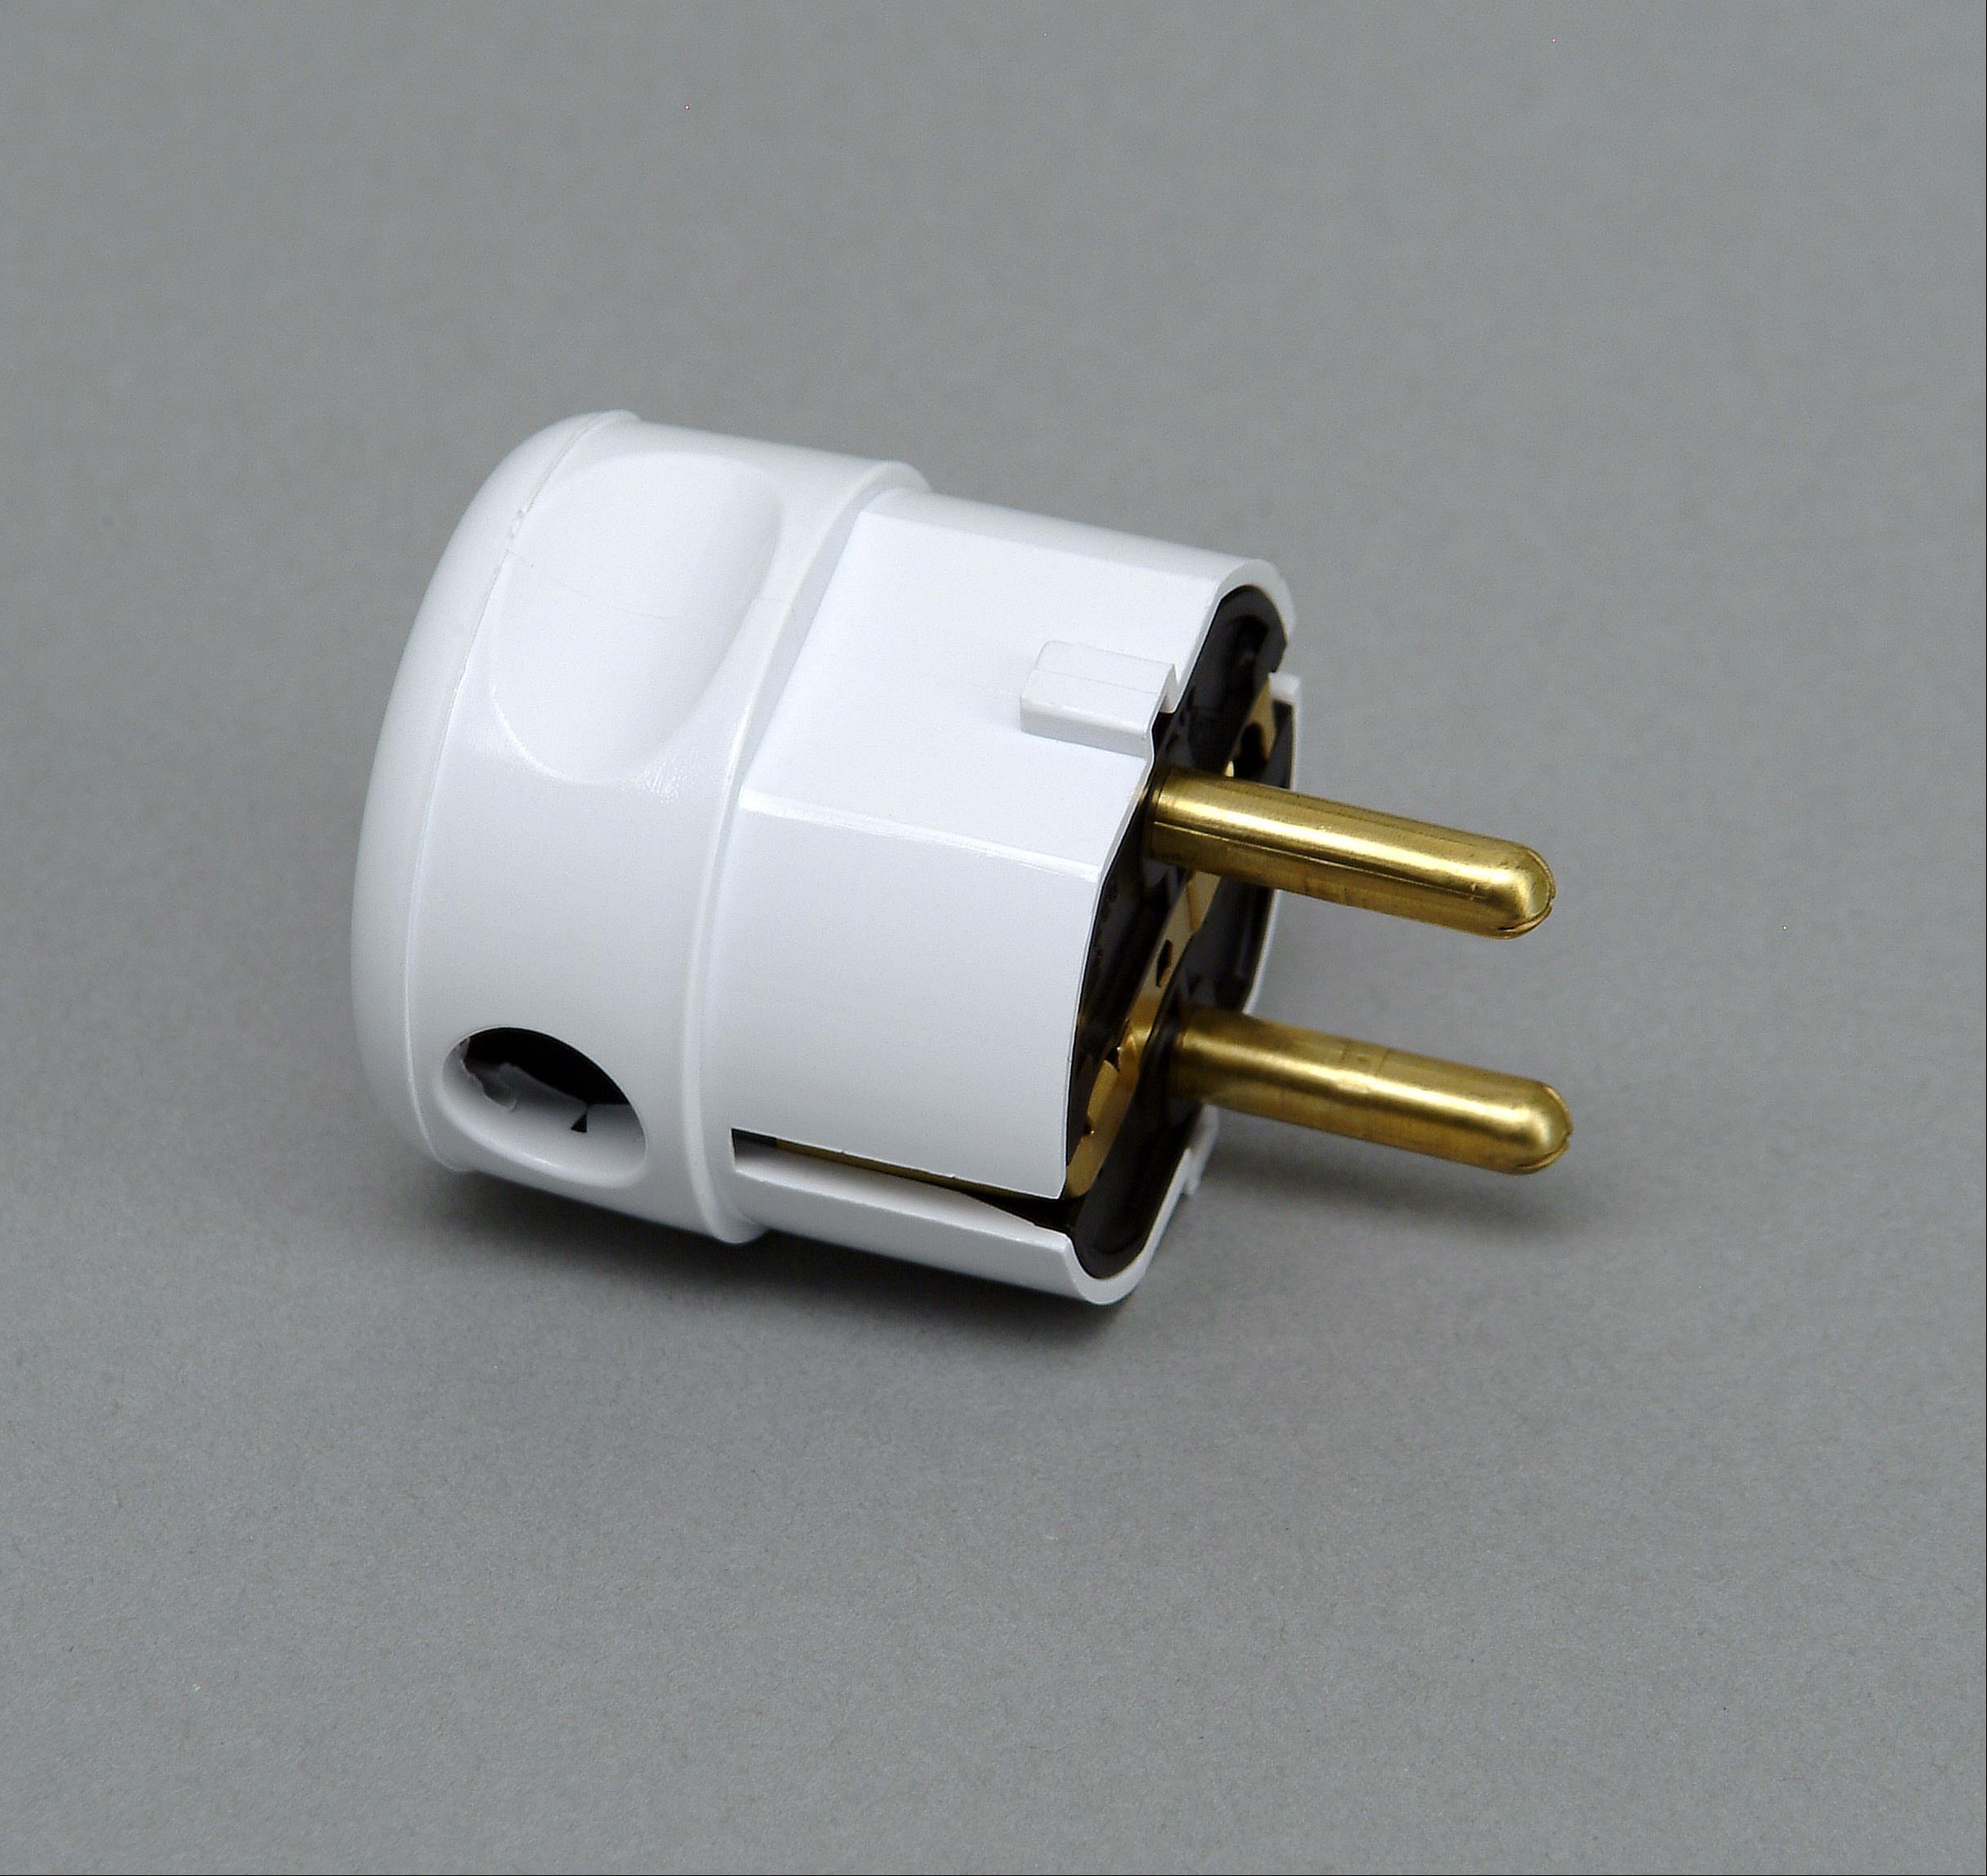 Kopp Kunststoff - Schutzkontakt - Winkelstecker arktis - weiss Bild 1